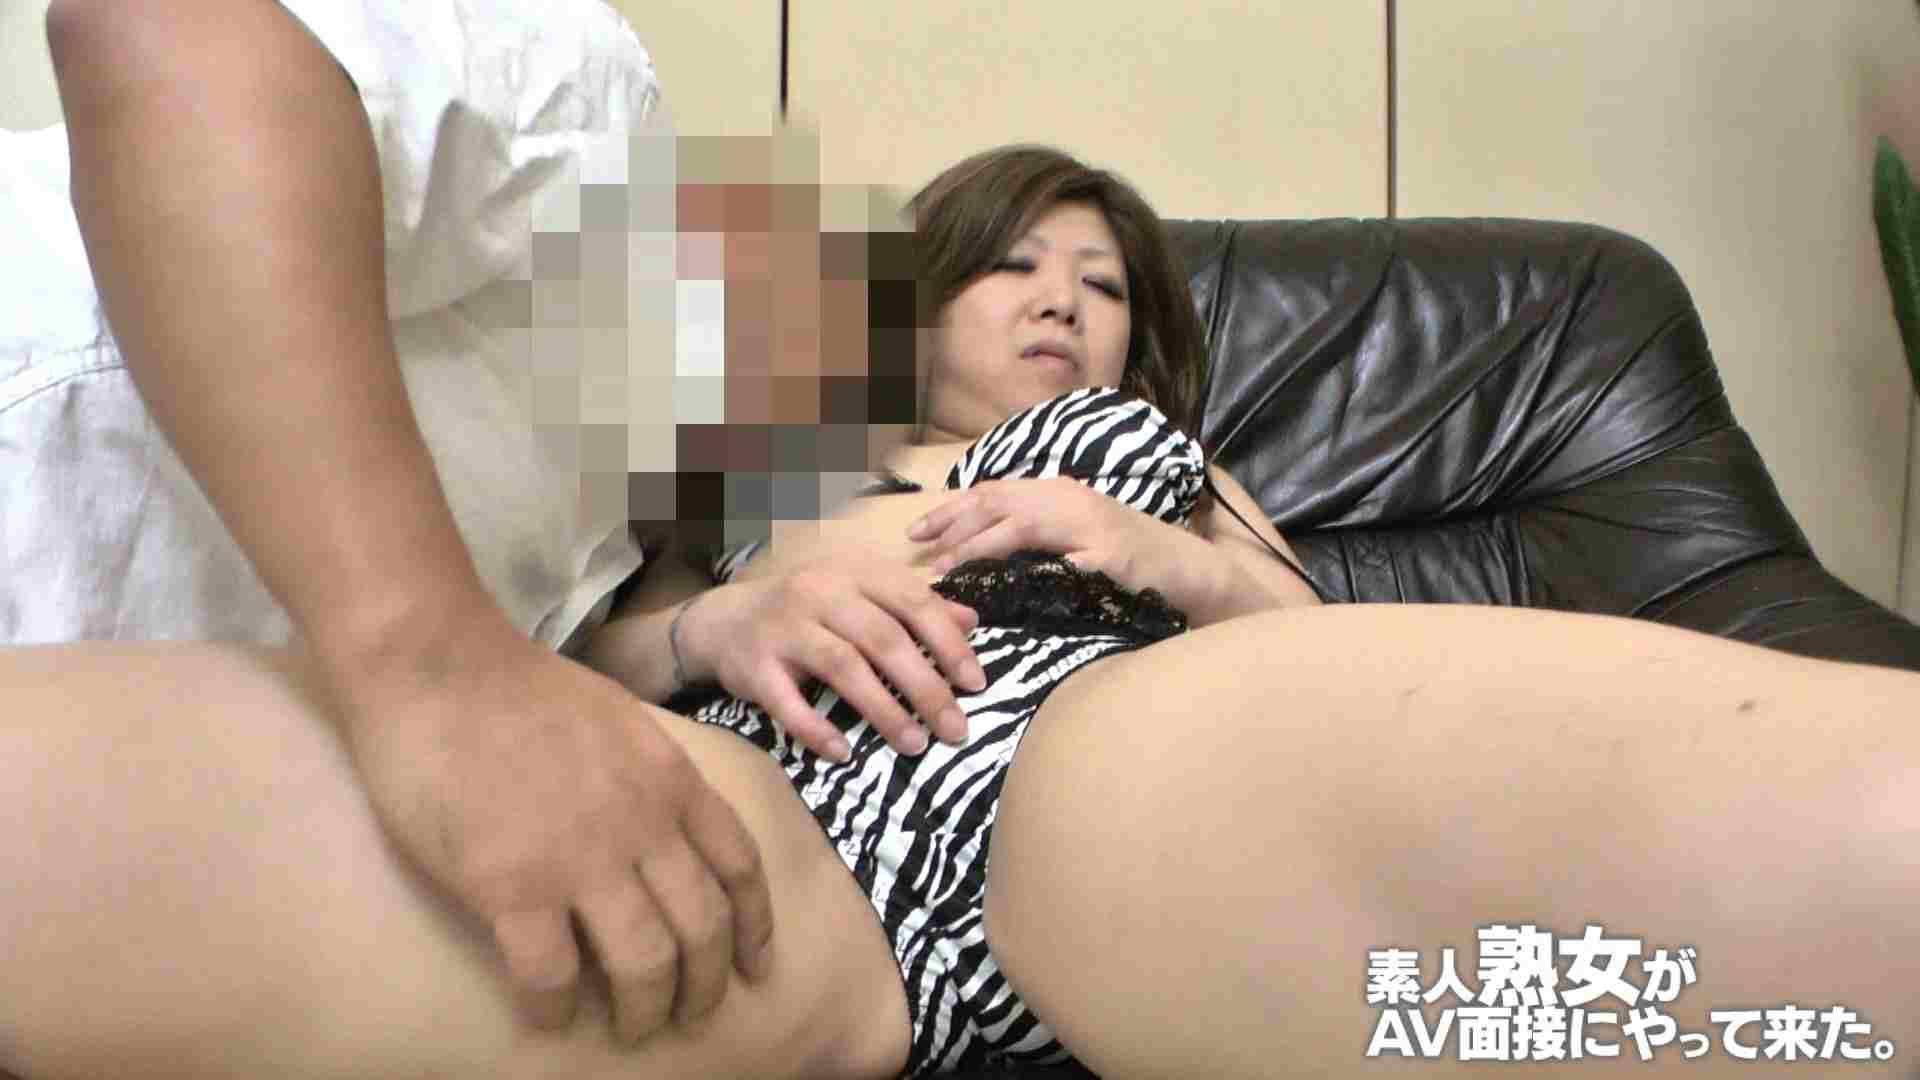 素人熟女がAV面接にやってきた (仮名)ゆかさんVOL.03 OL裸体 | 素人  52画像 44